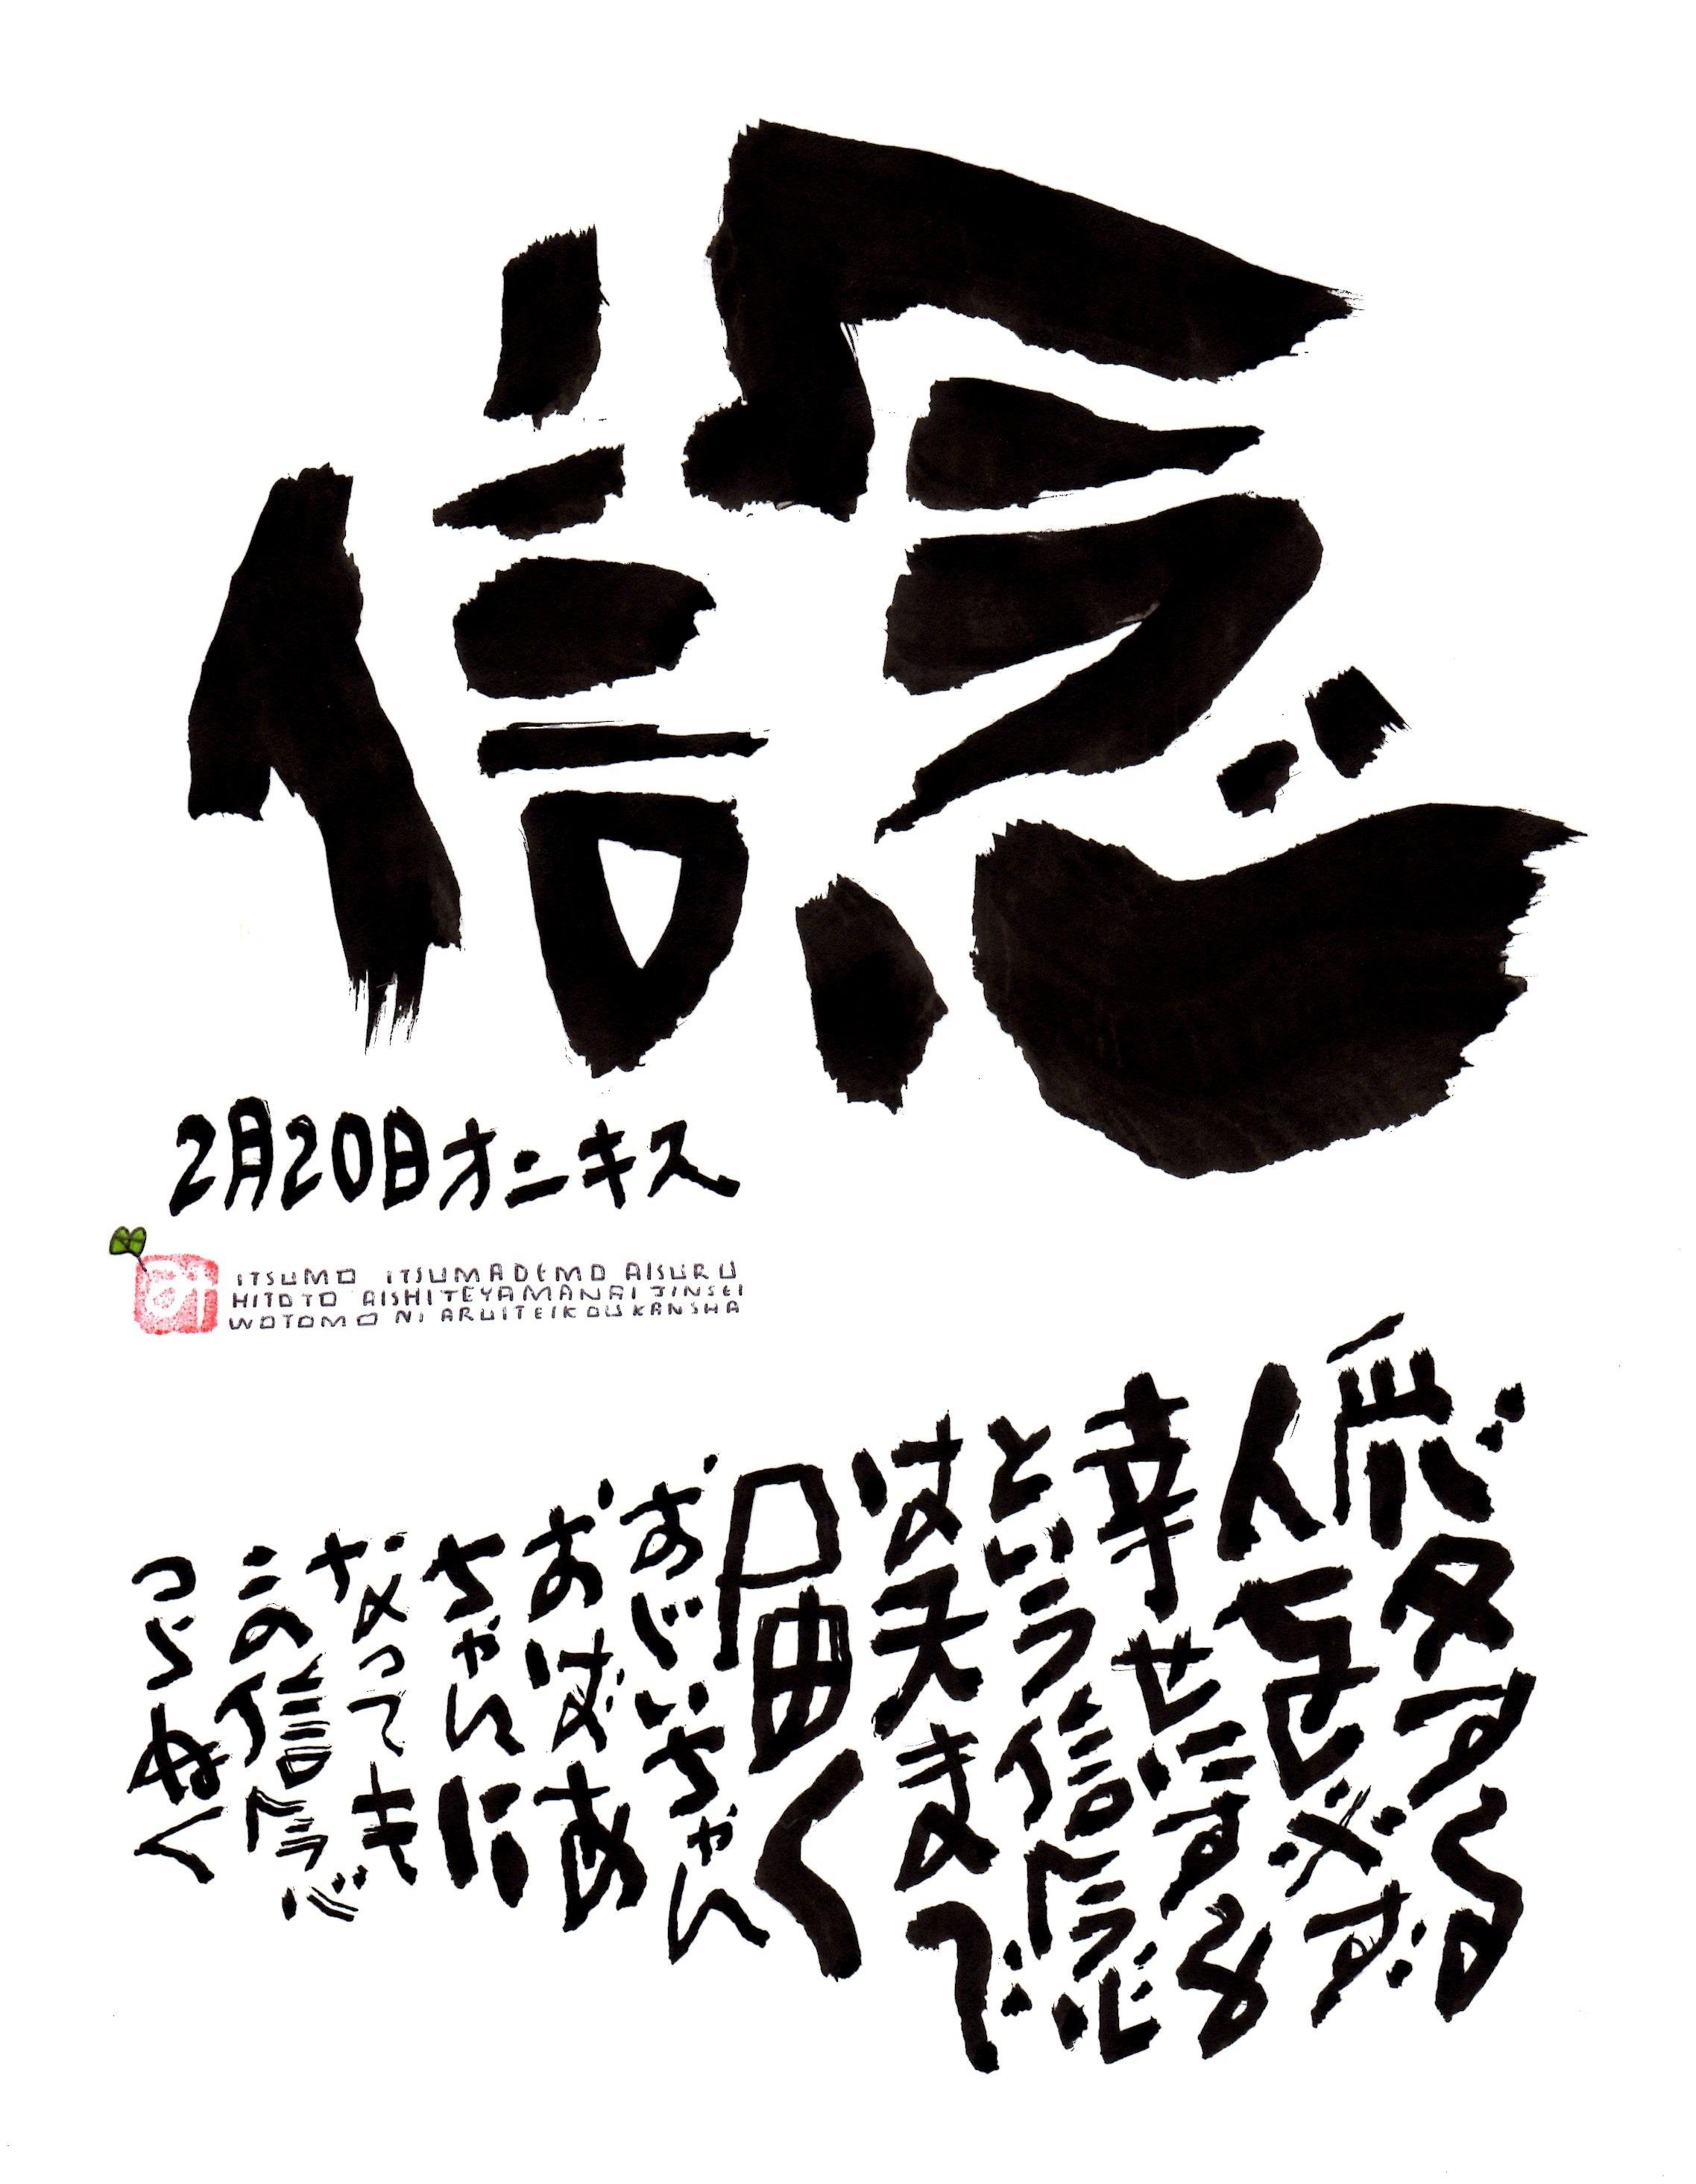 2月20日 結婚記念日ポストカード【信念】